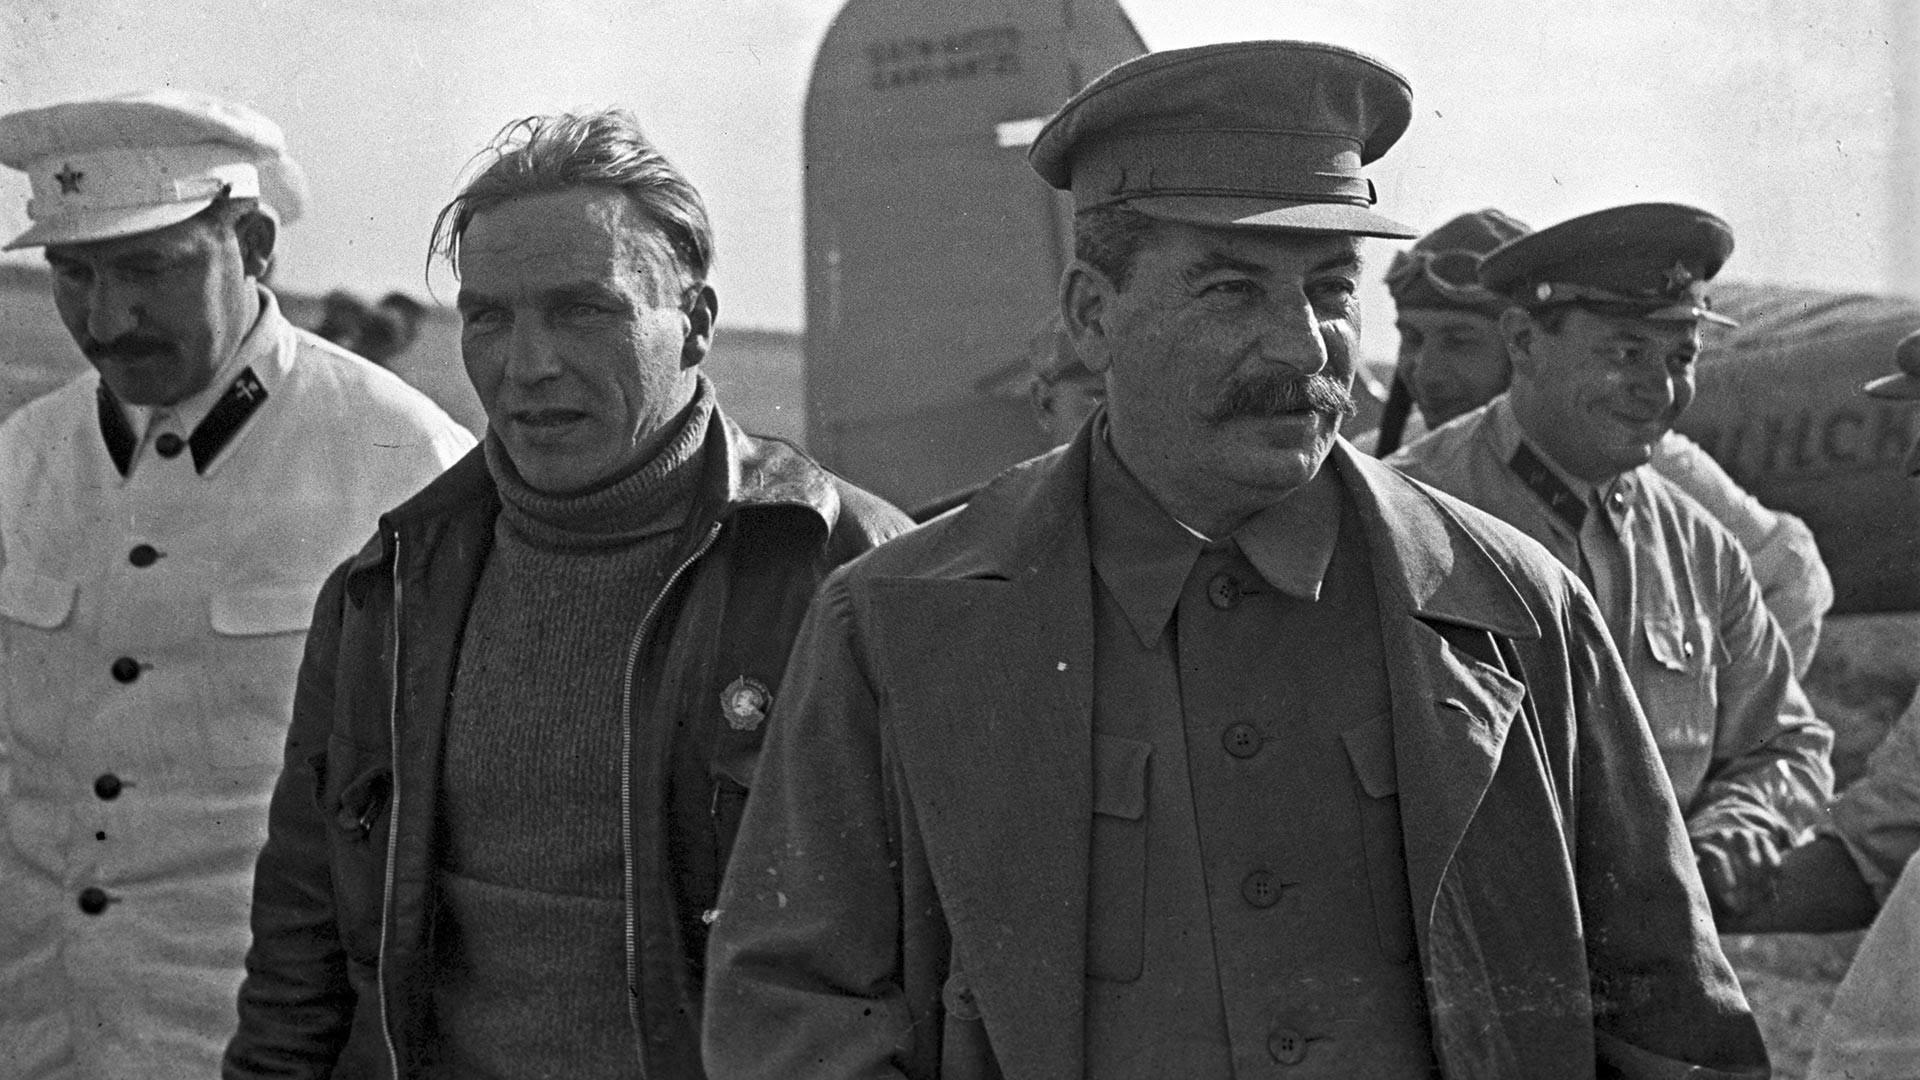 Generalni sekretar CK RSFSR Josif Stalin s članom Politbiroja Lazarjem Kaganovičem med sprejemom sovjetskega poskusnega pilota Valerija Čkalova (v sredini) na Ščolkovskem letališču, 10. avgusta 1936